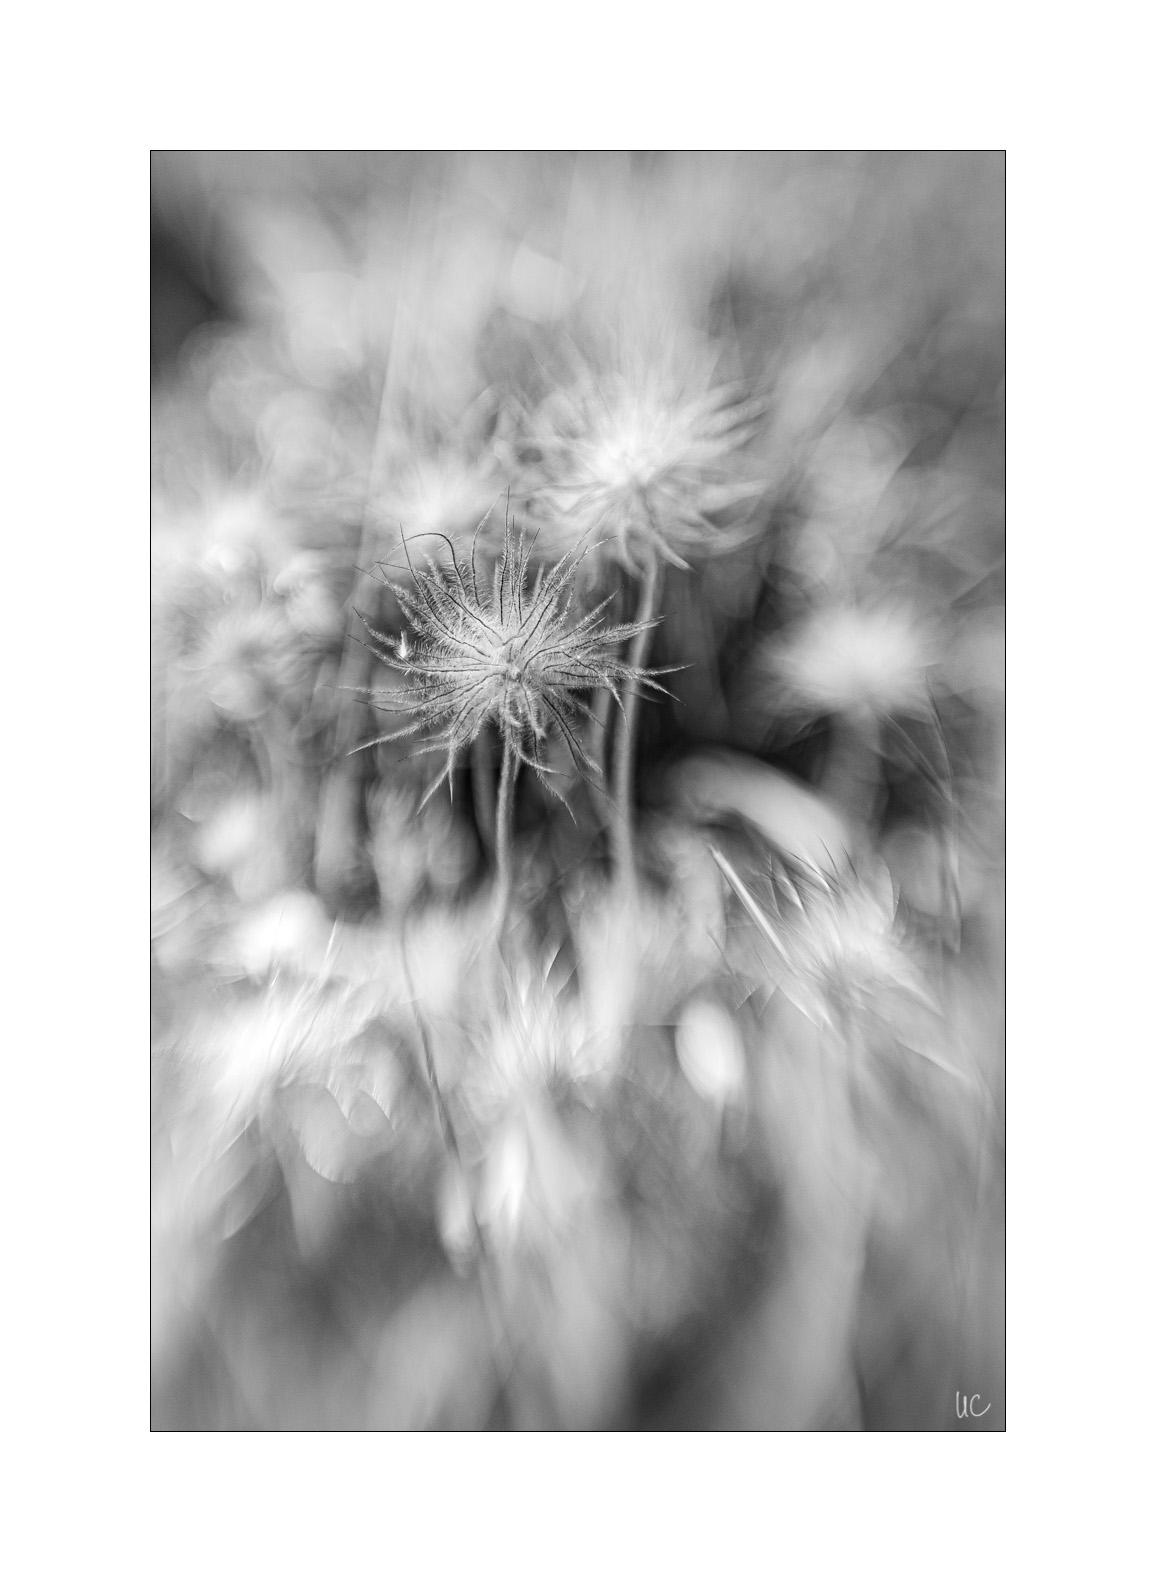 Blumen in Schwarzweiß– No. 2/3| Foto: Ulf Cronenberg, Würzburg